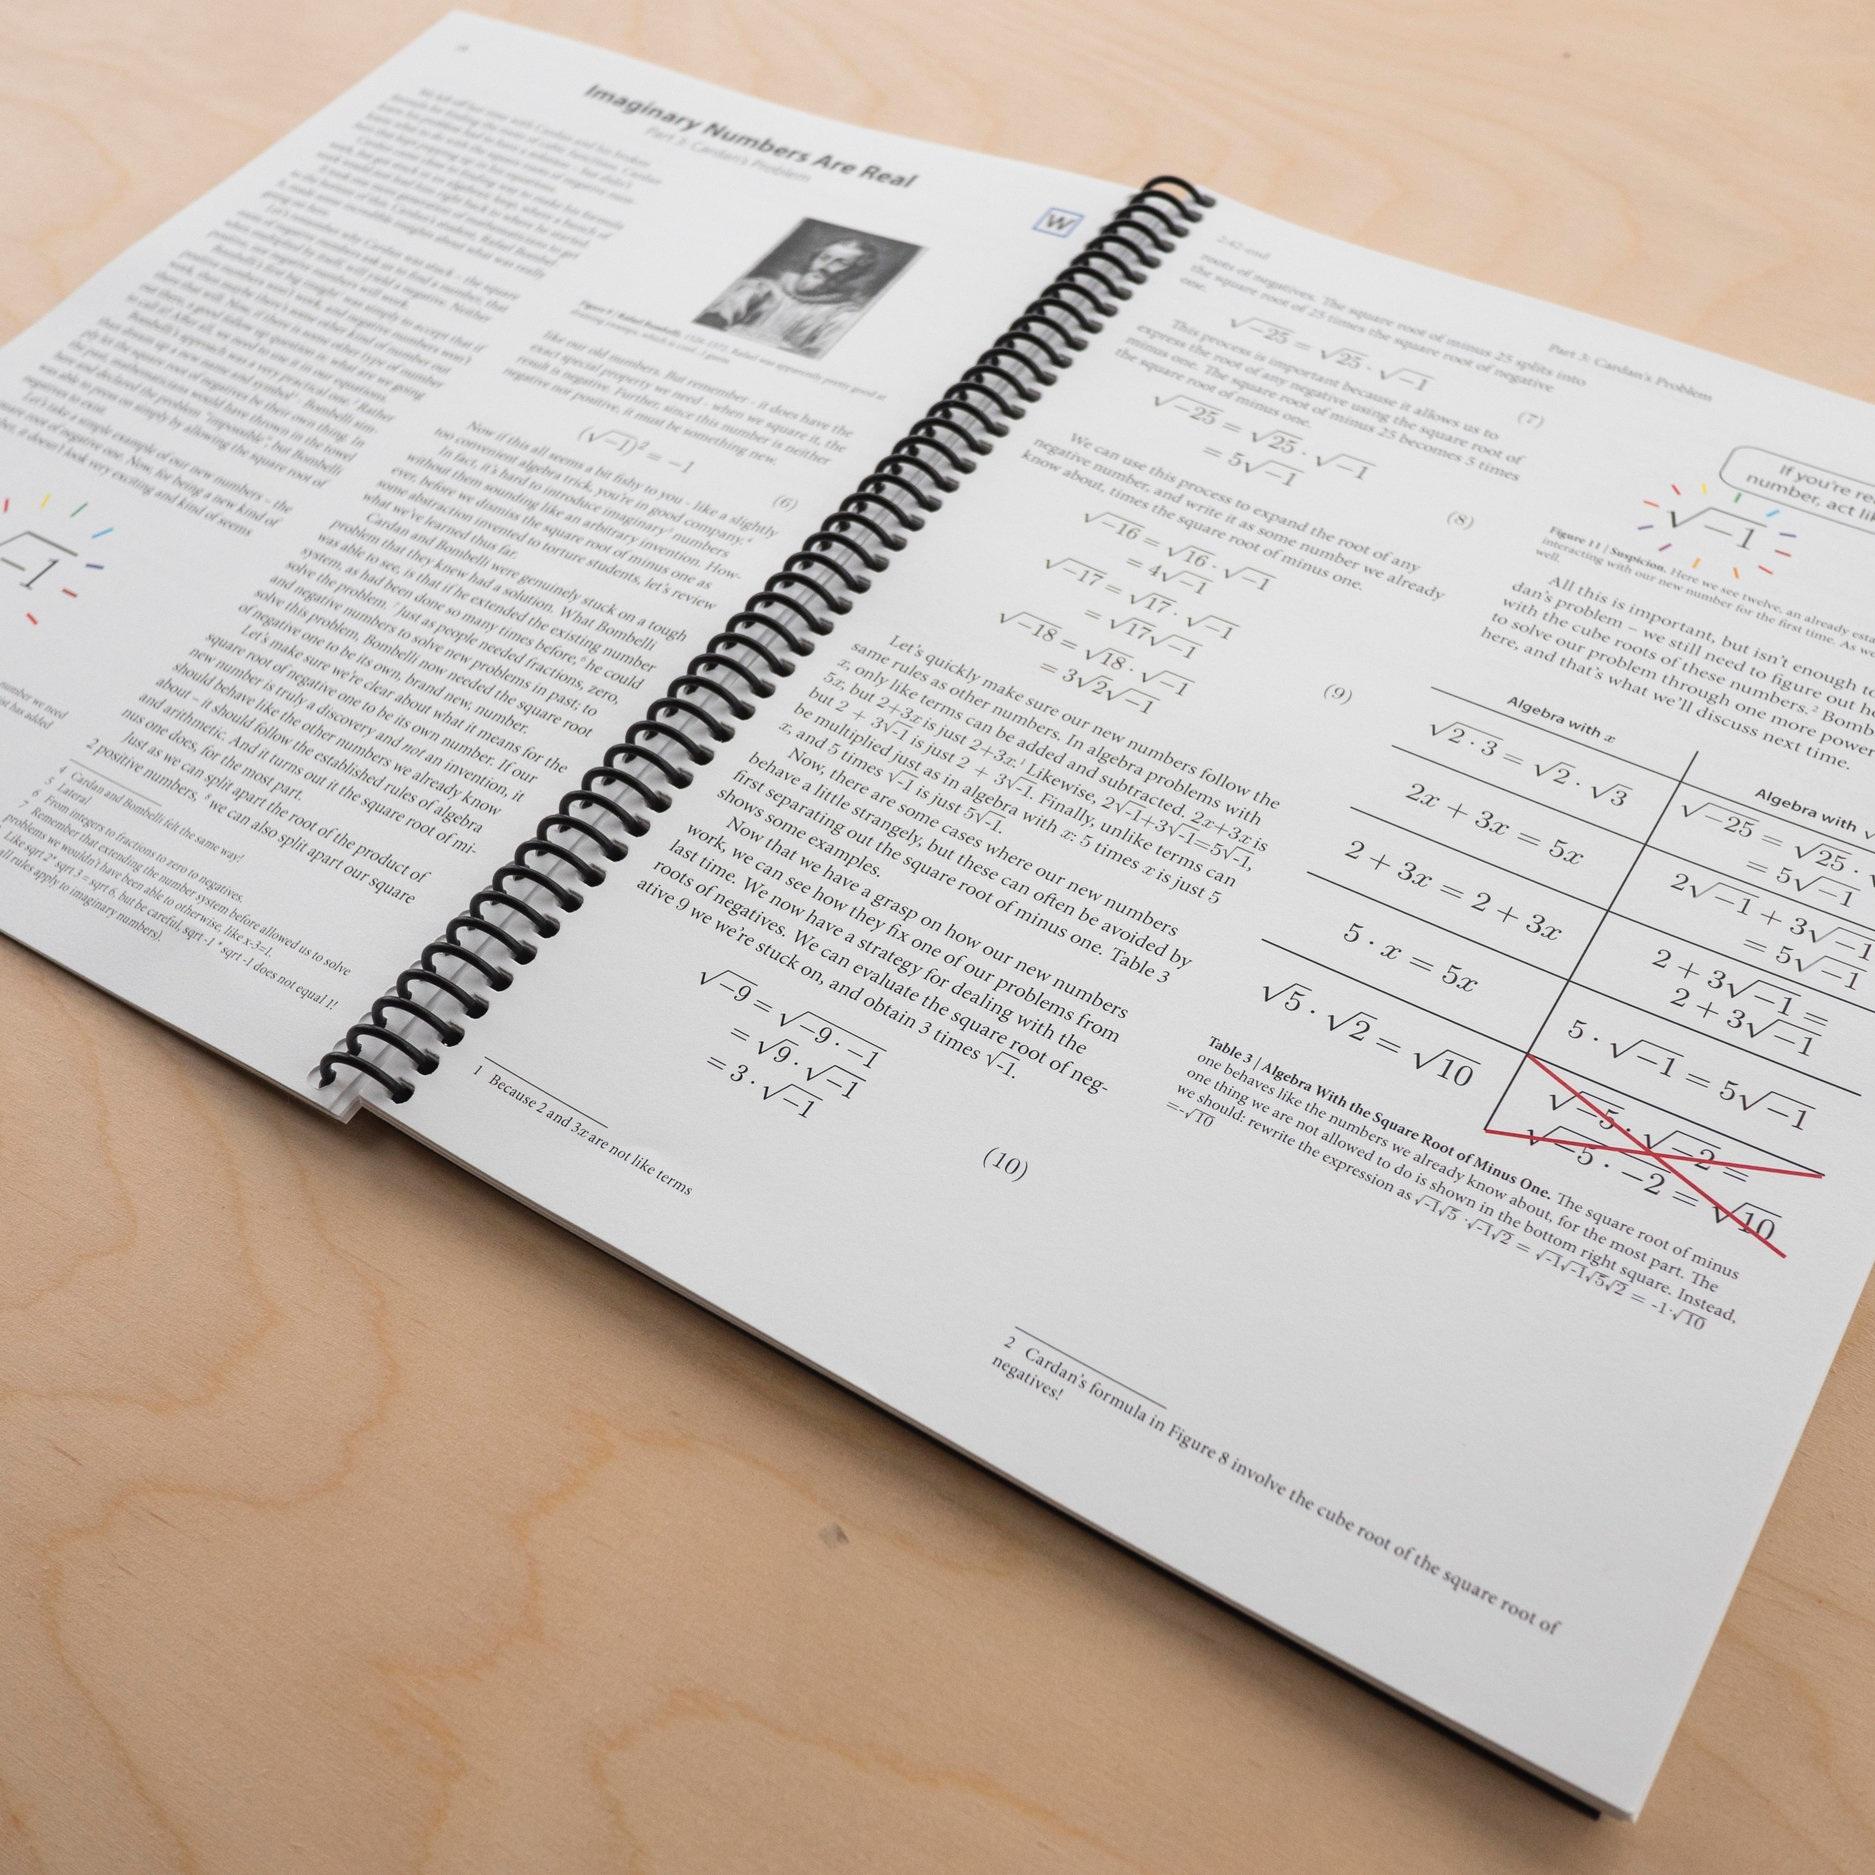 book0014.jpg